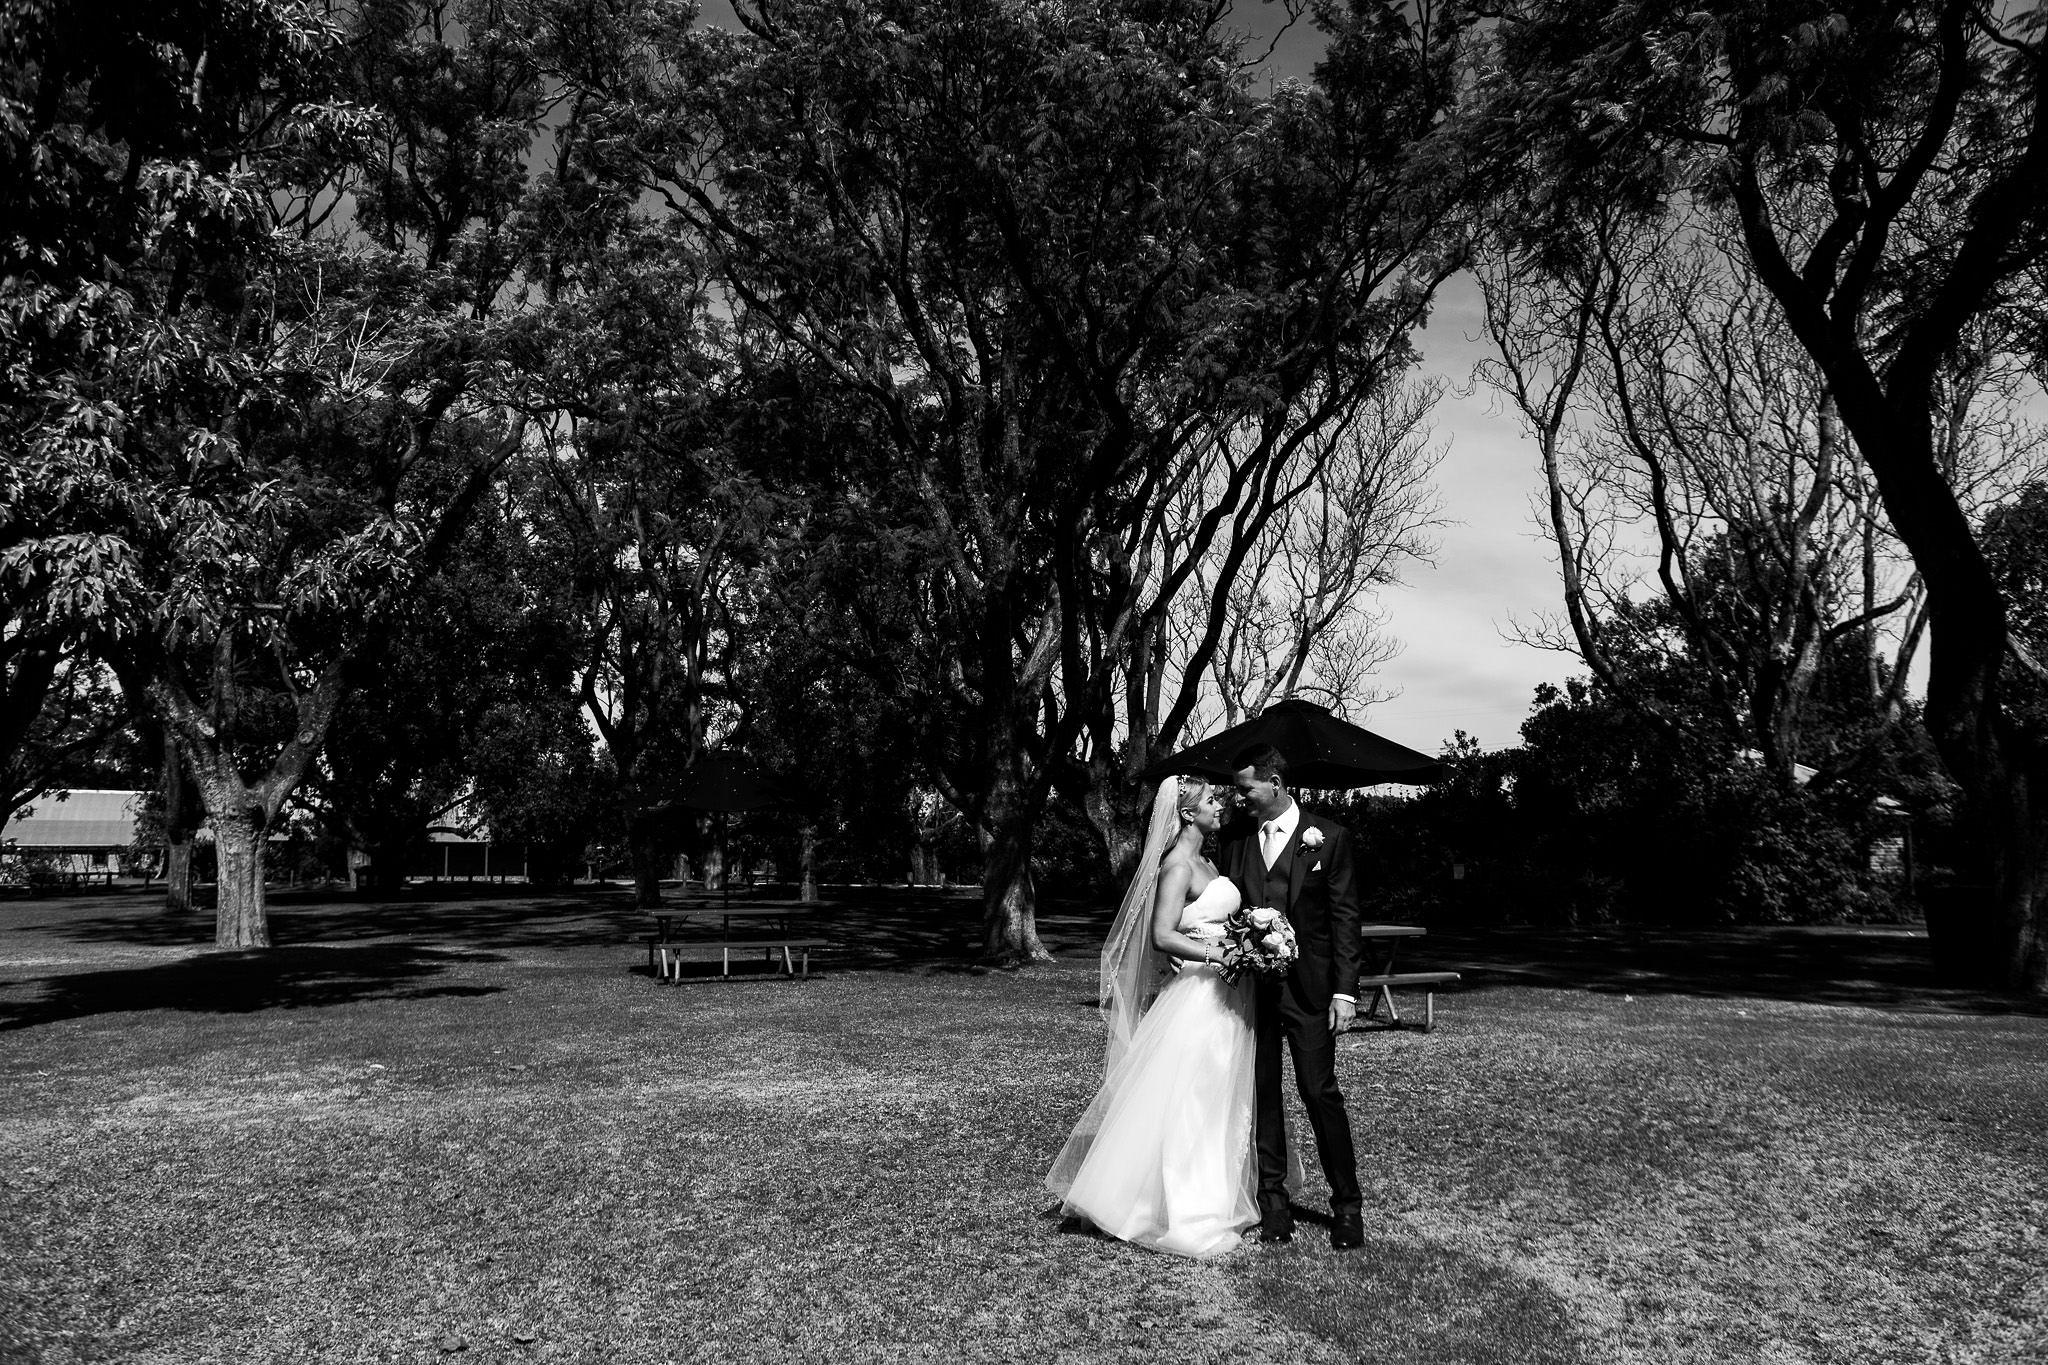 Copyright www.ameliakate.com.au